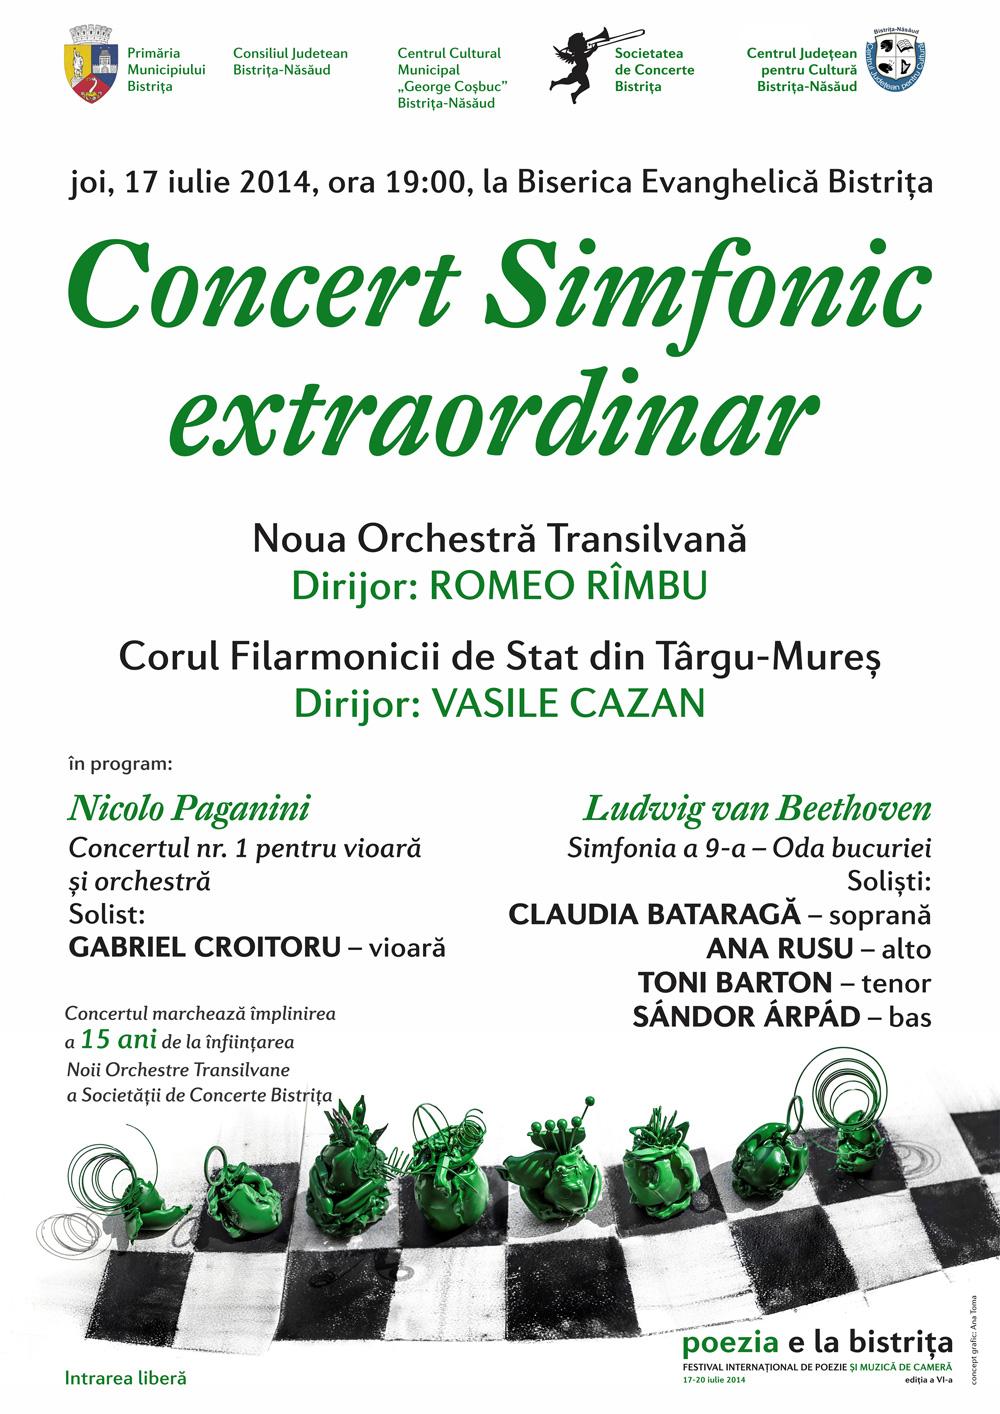 afis-concert-biserica-evanghelica-2014